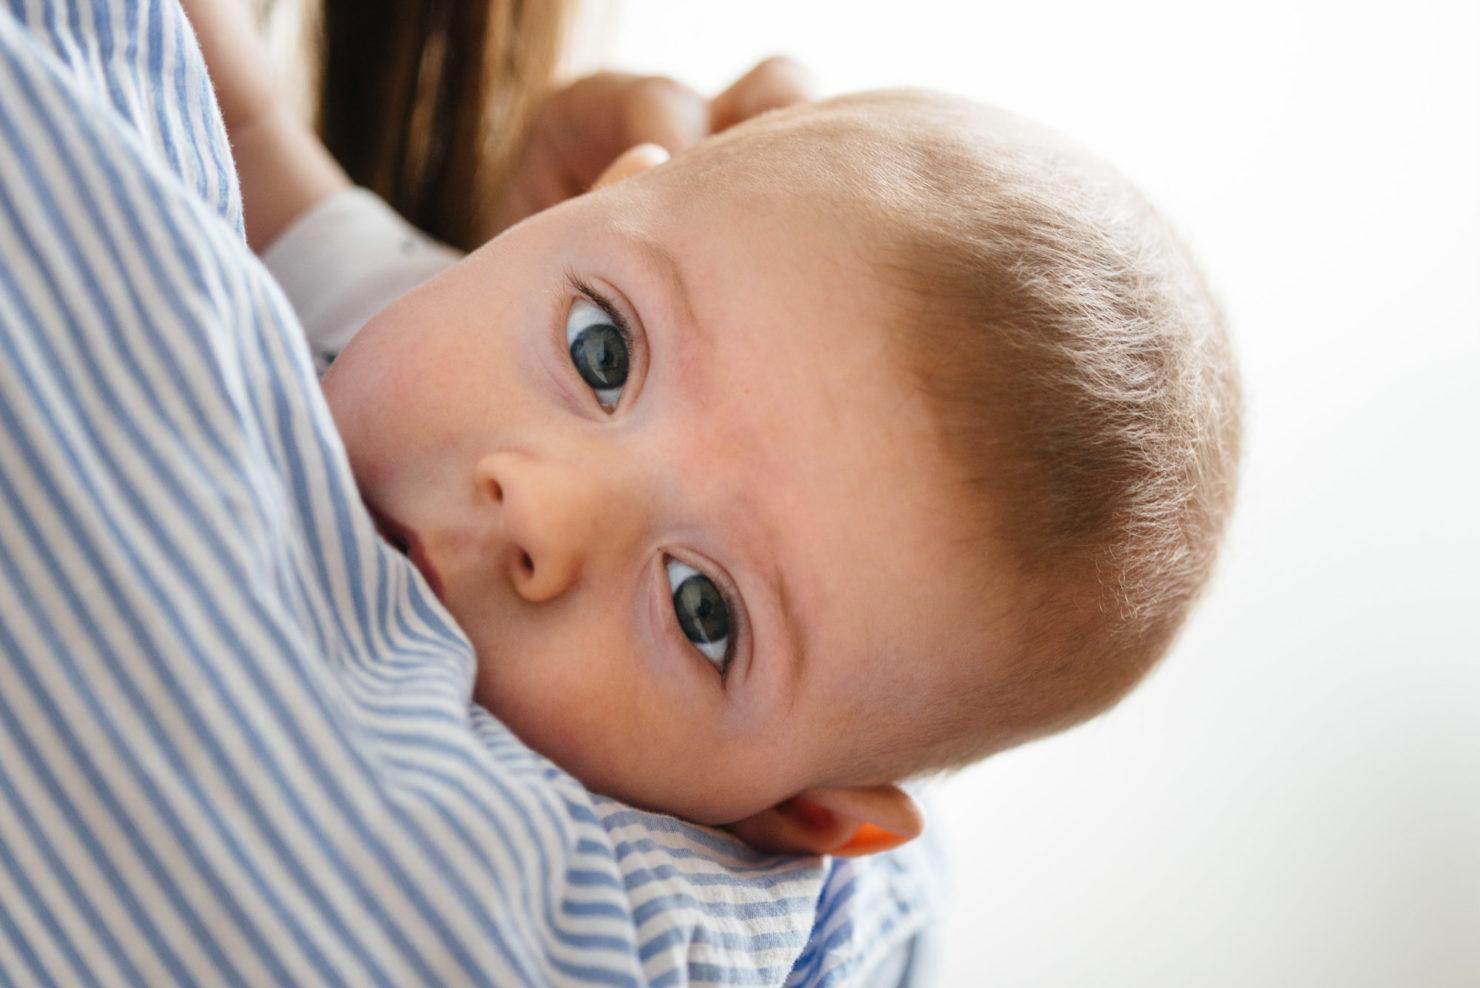 Karolina, Joachim & Teoś - Sesja niemowlęca w mieszkaniu - sesja niemowlęca w mieszkaniu